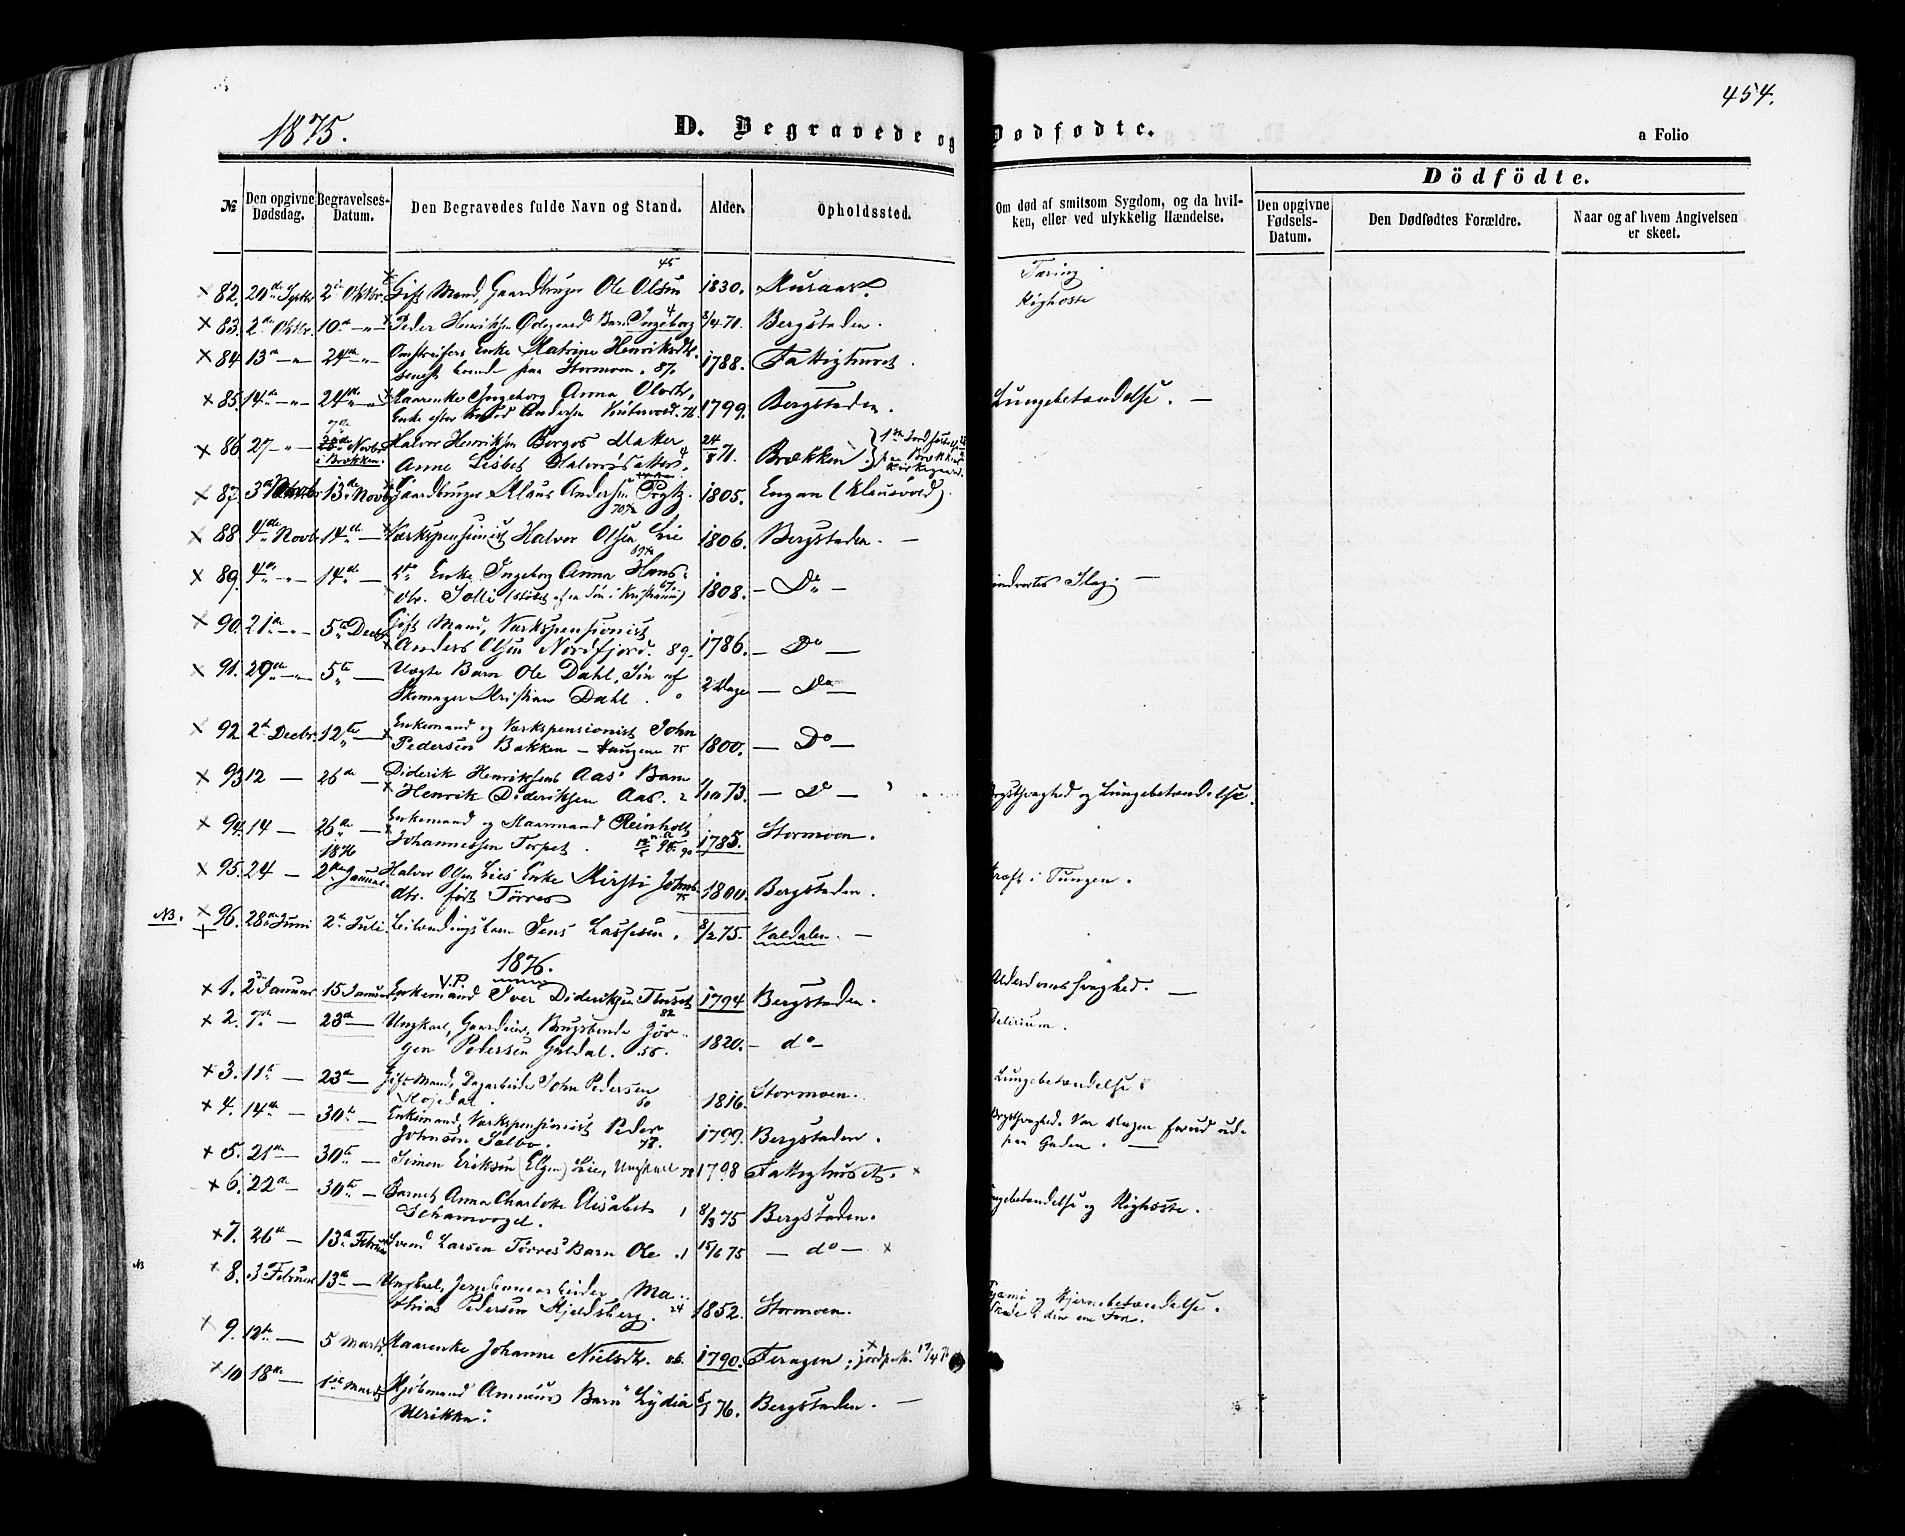 SAT, Ministerialprotokoller, klokkerbøker og fødselsregistre - Sør-Trøndelag, 681/L0932: Ministerialbok nr. 681A10, 1860-1878, s. 454